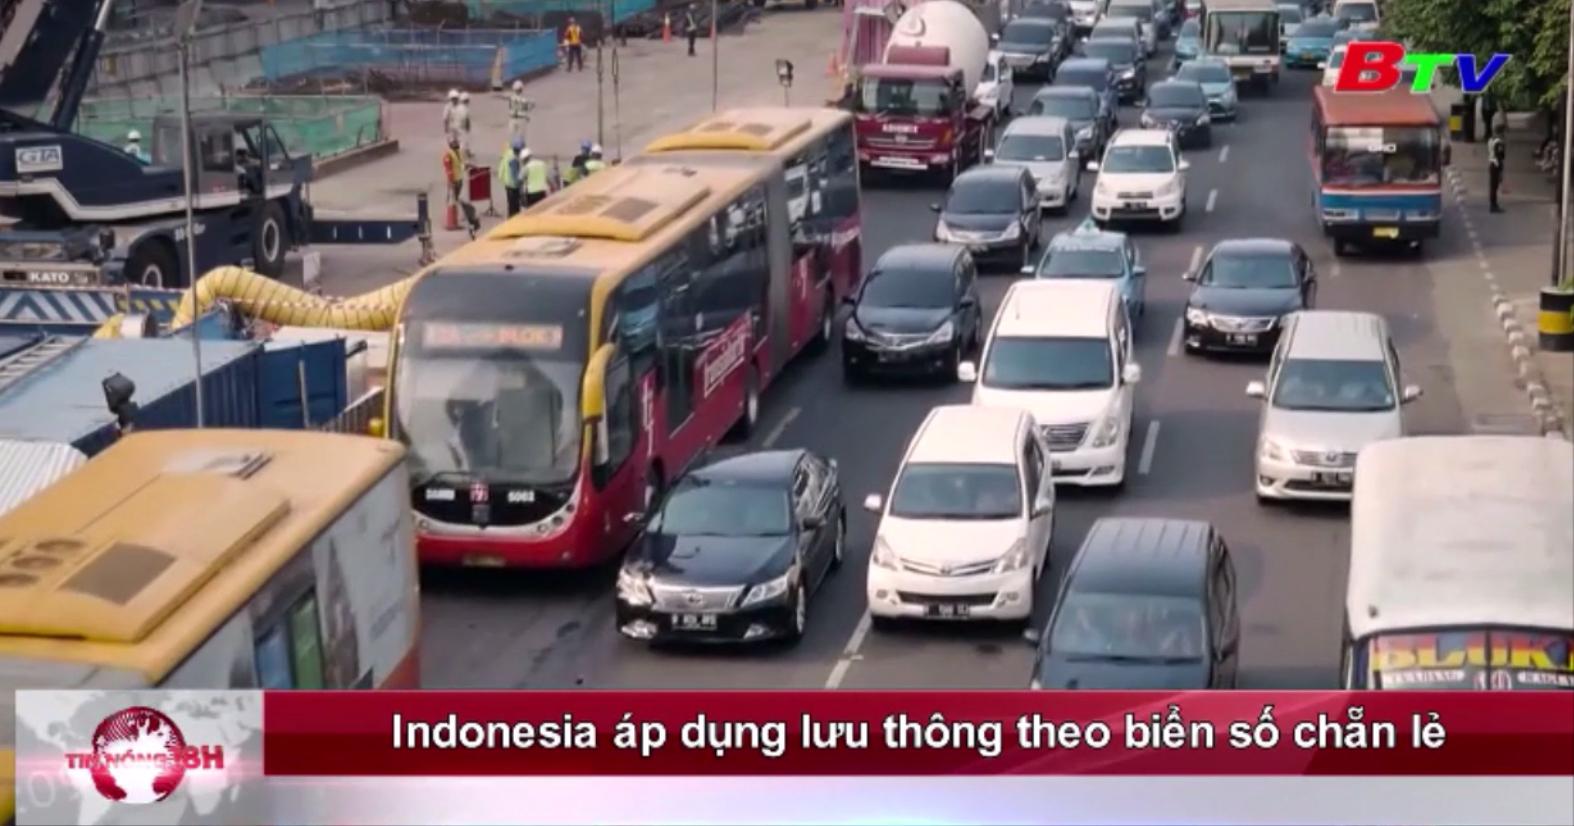 Indonesia áp dụng lưu thông theo biển số chẵn - lẻ